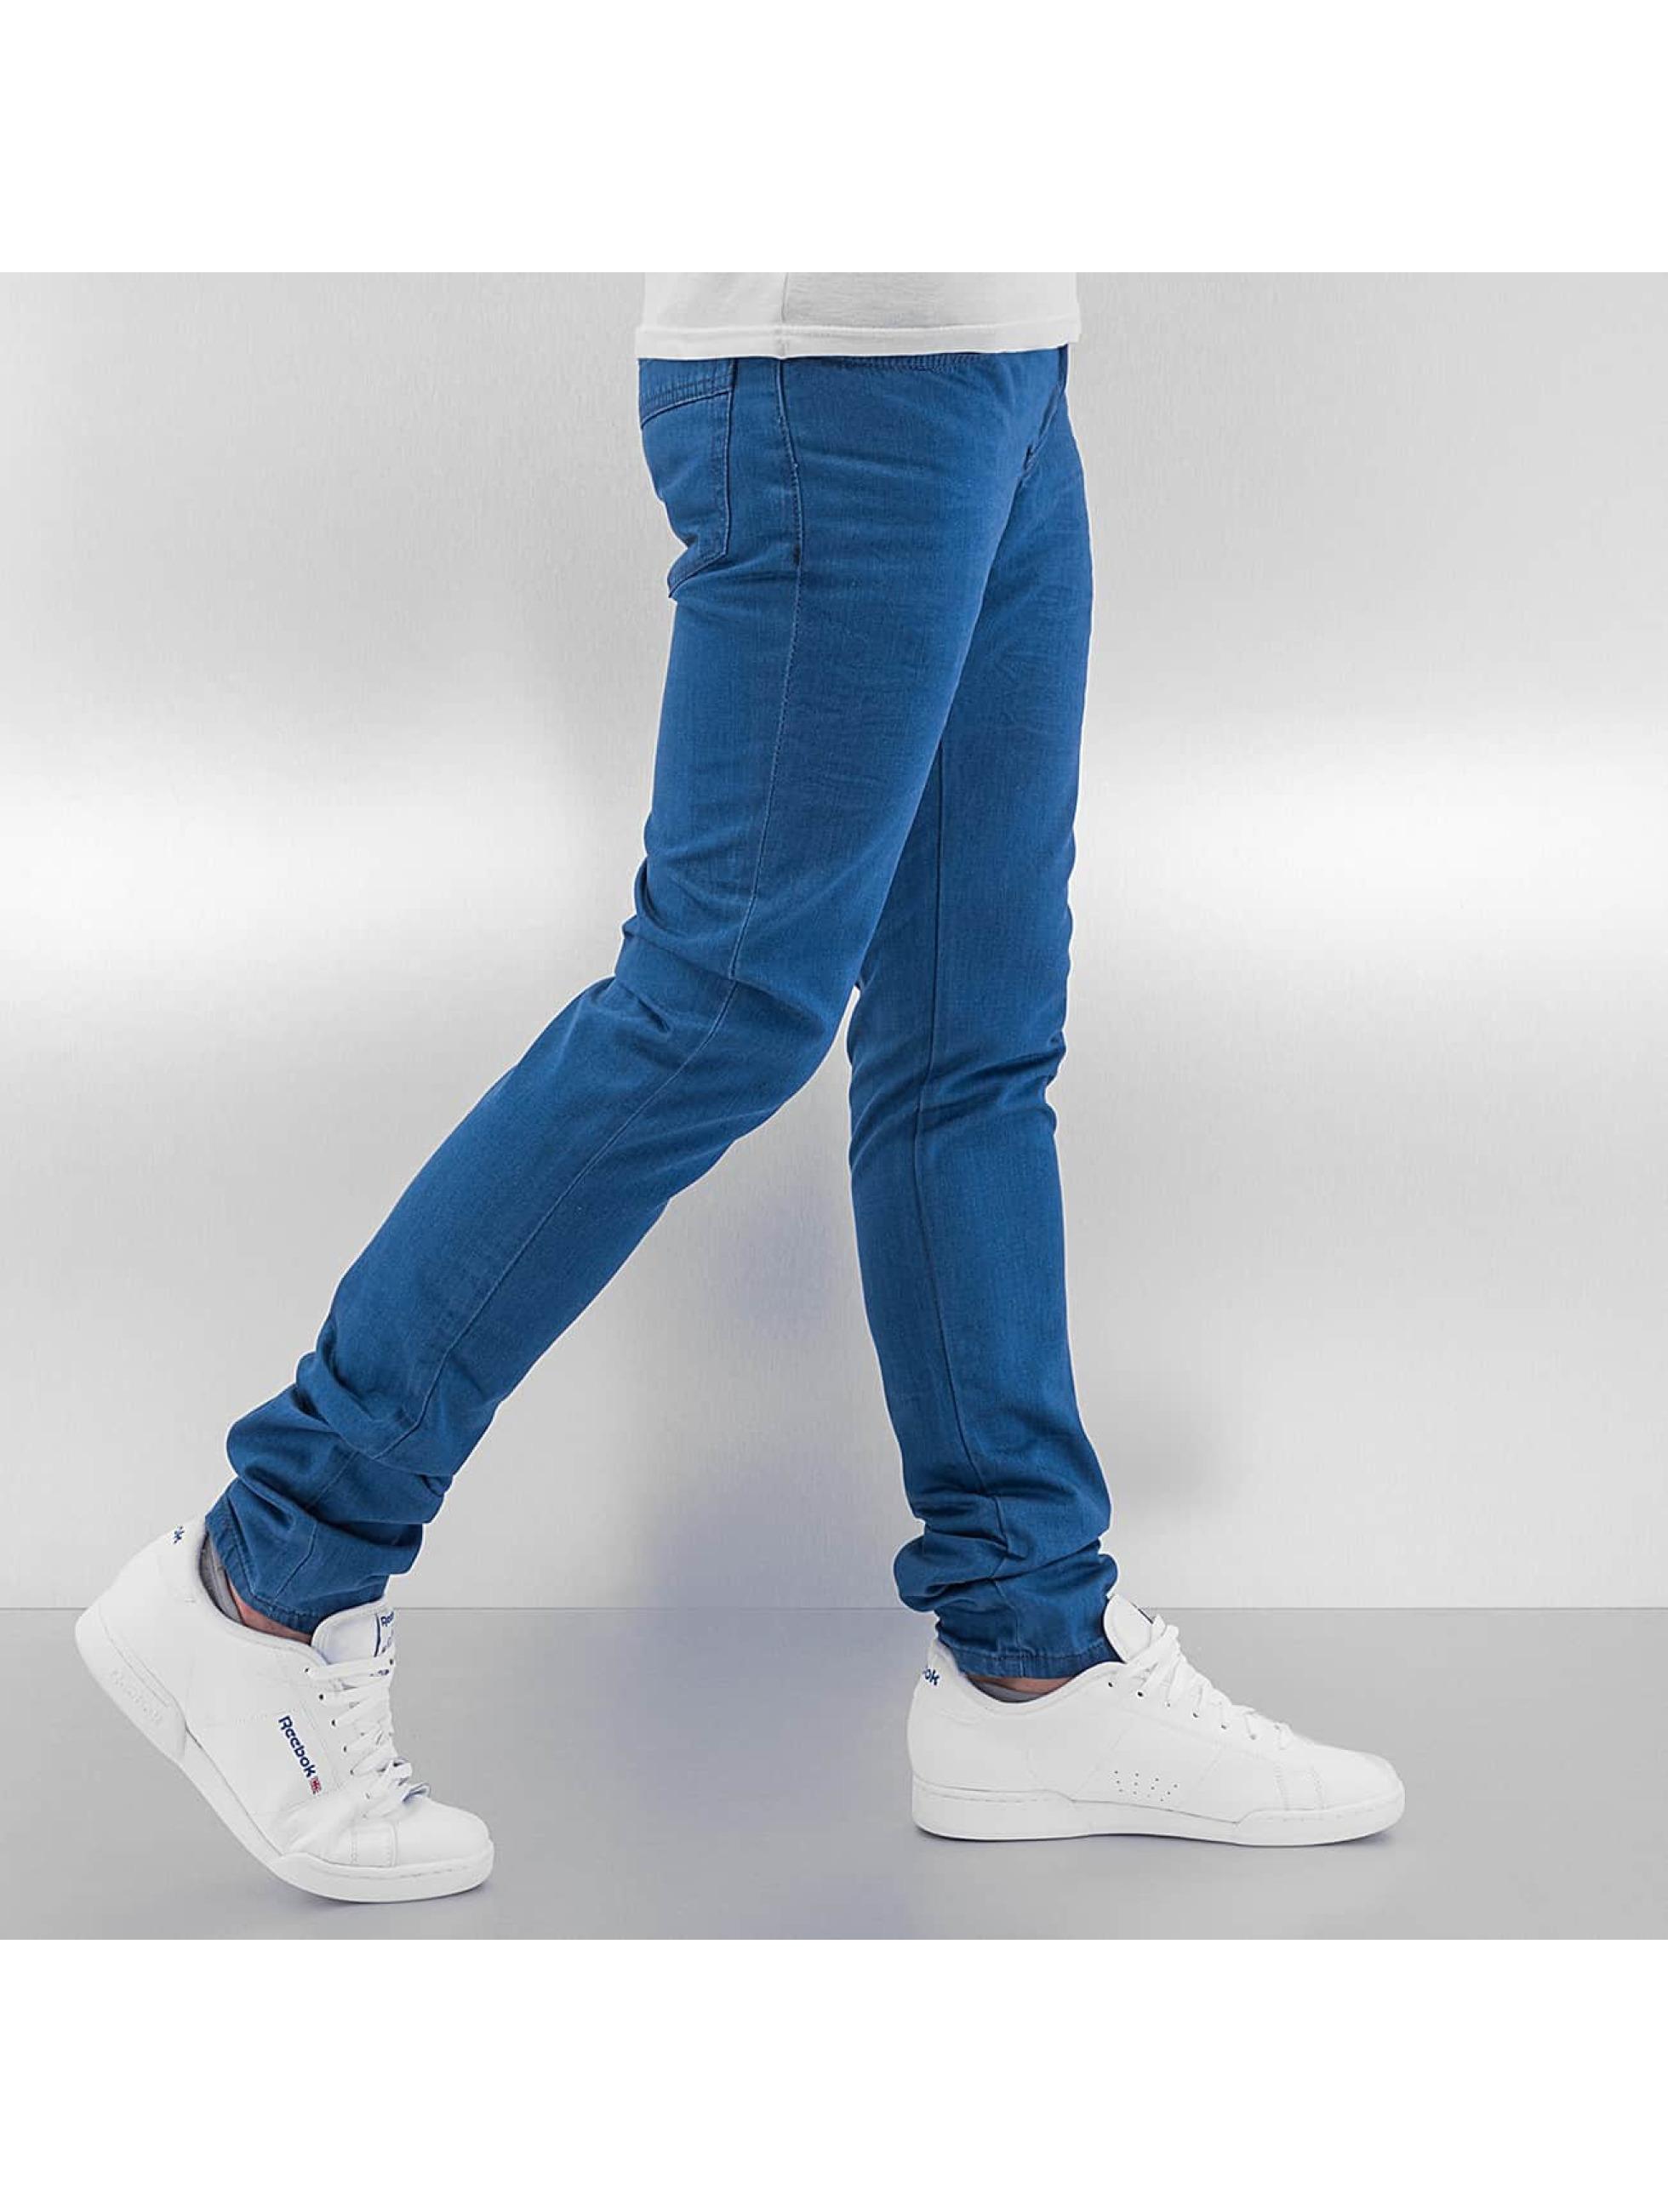 Cazzy Clang Облегающие джинсы Dye синий